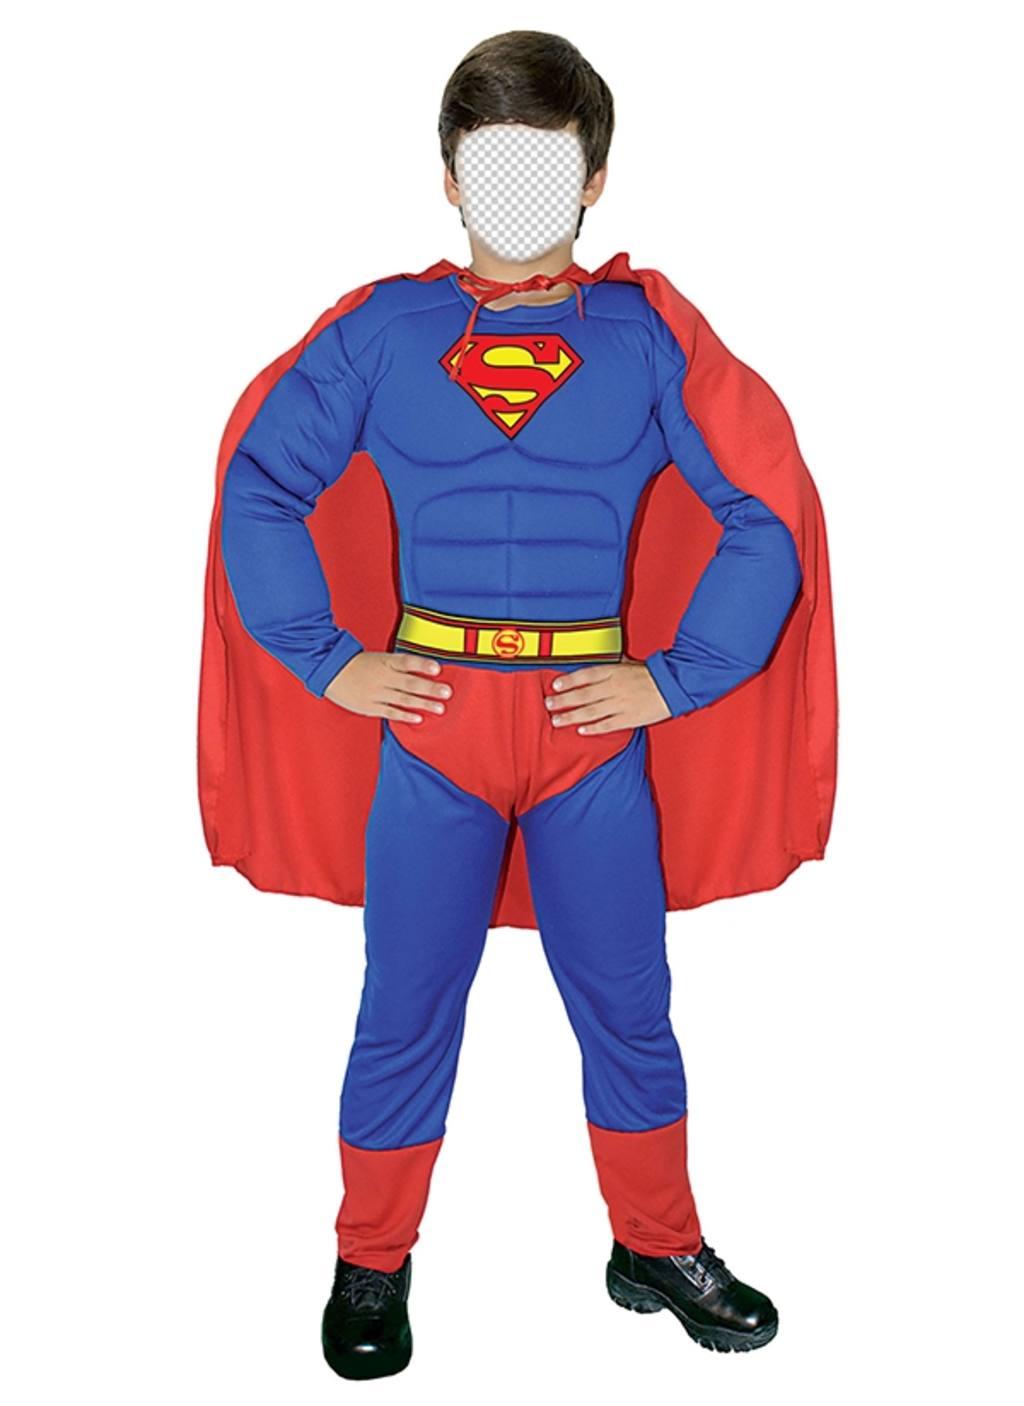 Photomontages gratuit pour déguiser votre fils comme Superman